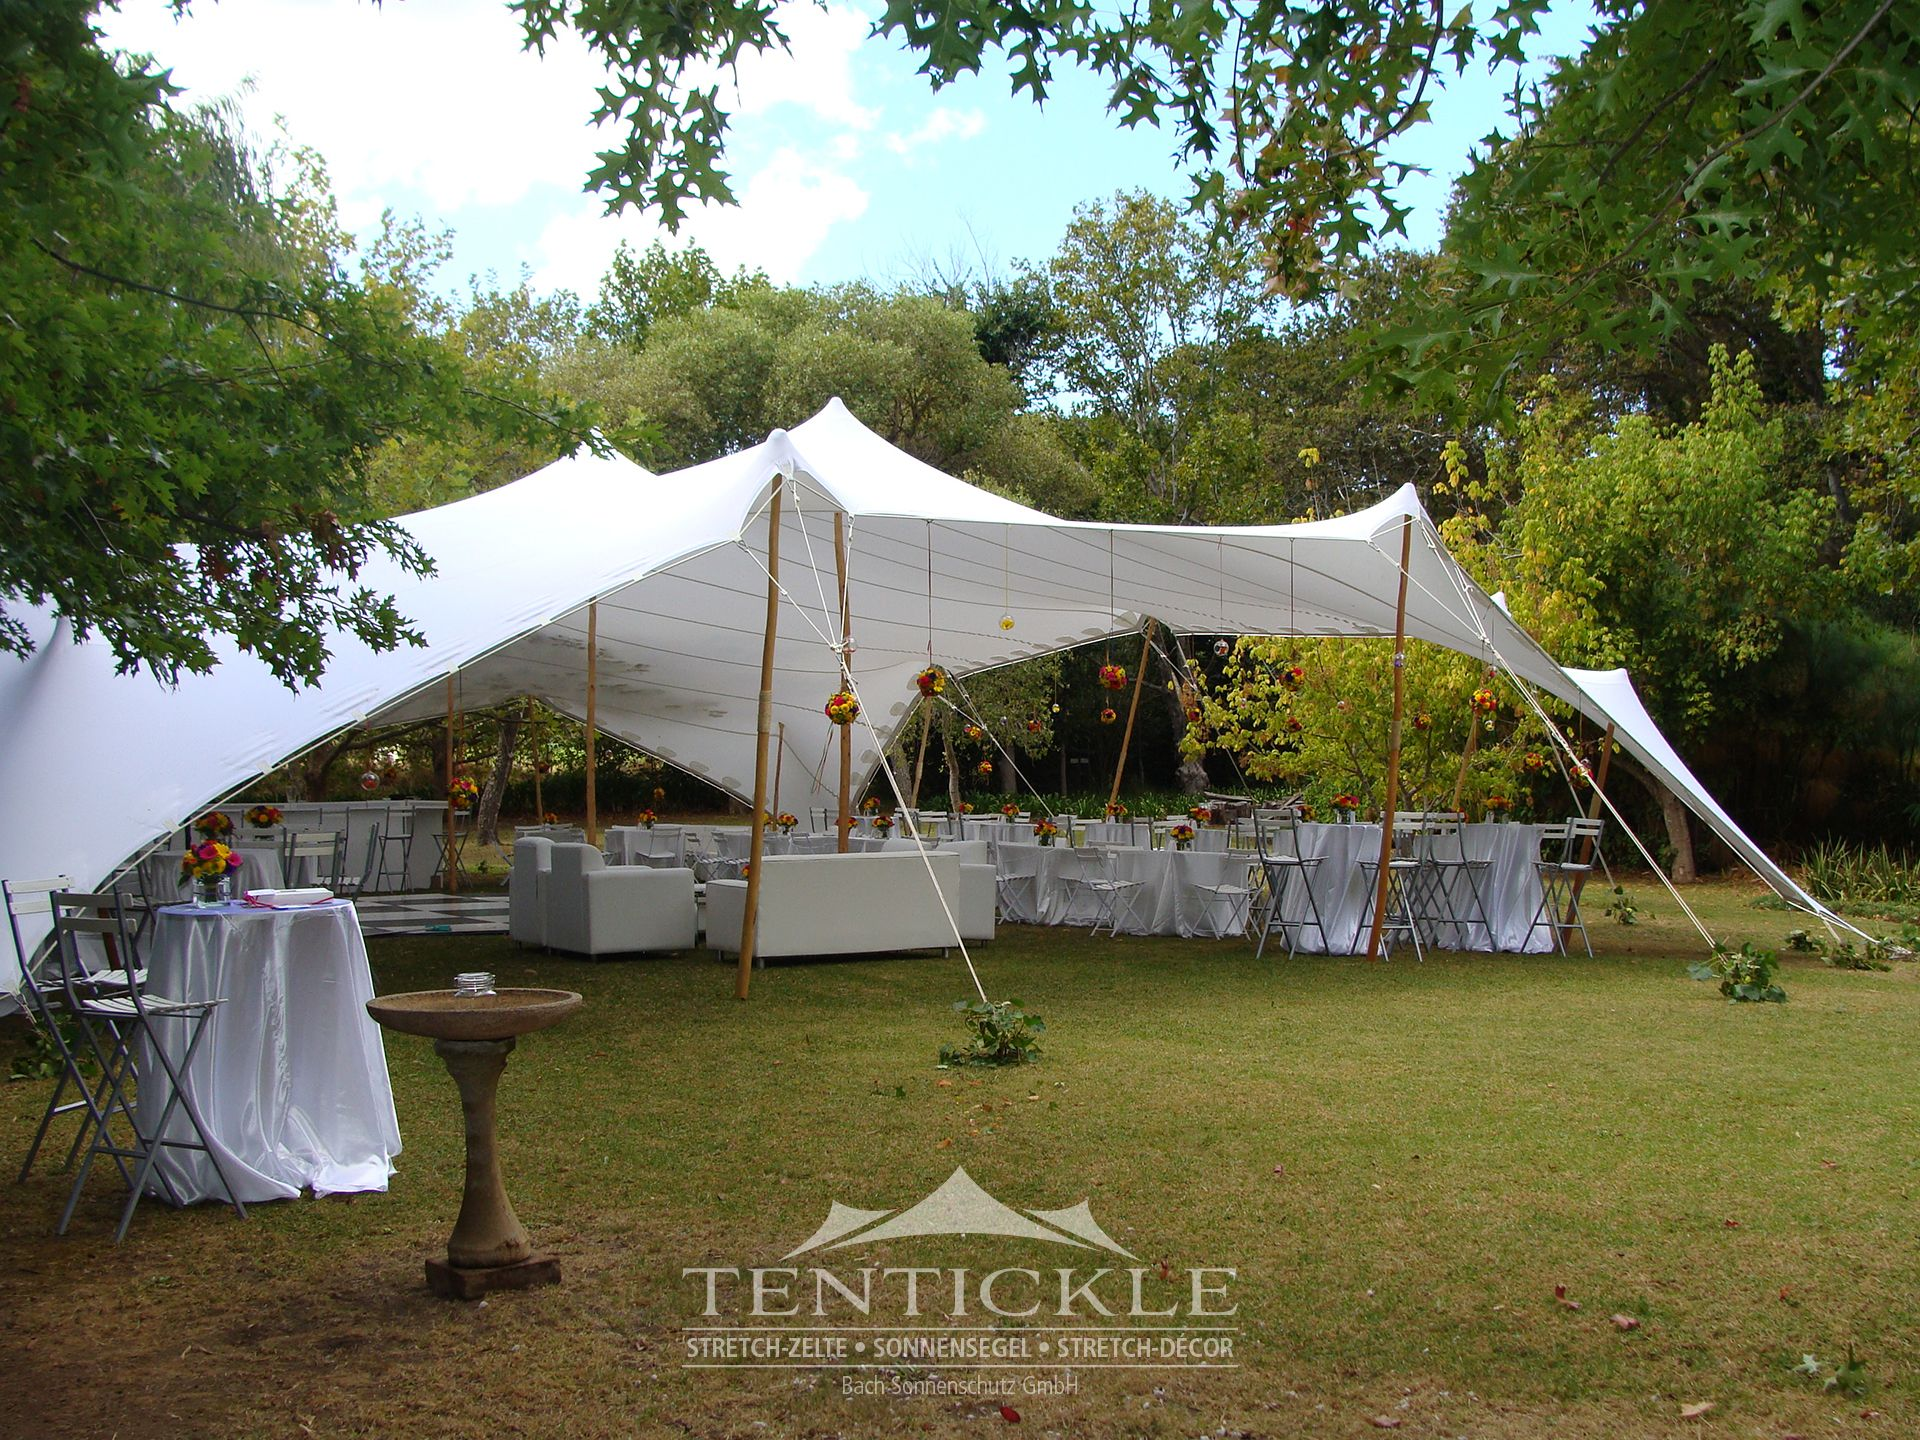 Hochzeit Feiern Unter Einem Tentickle Stretchzelt Party Tent